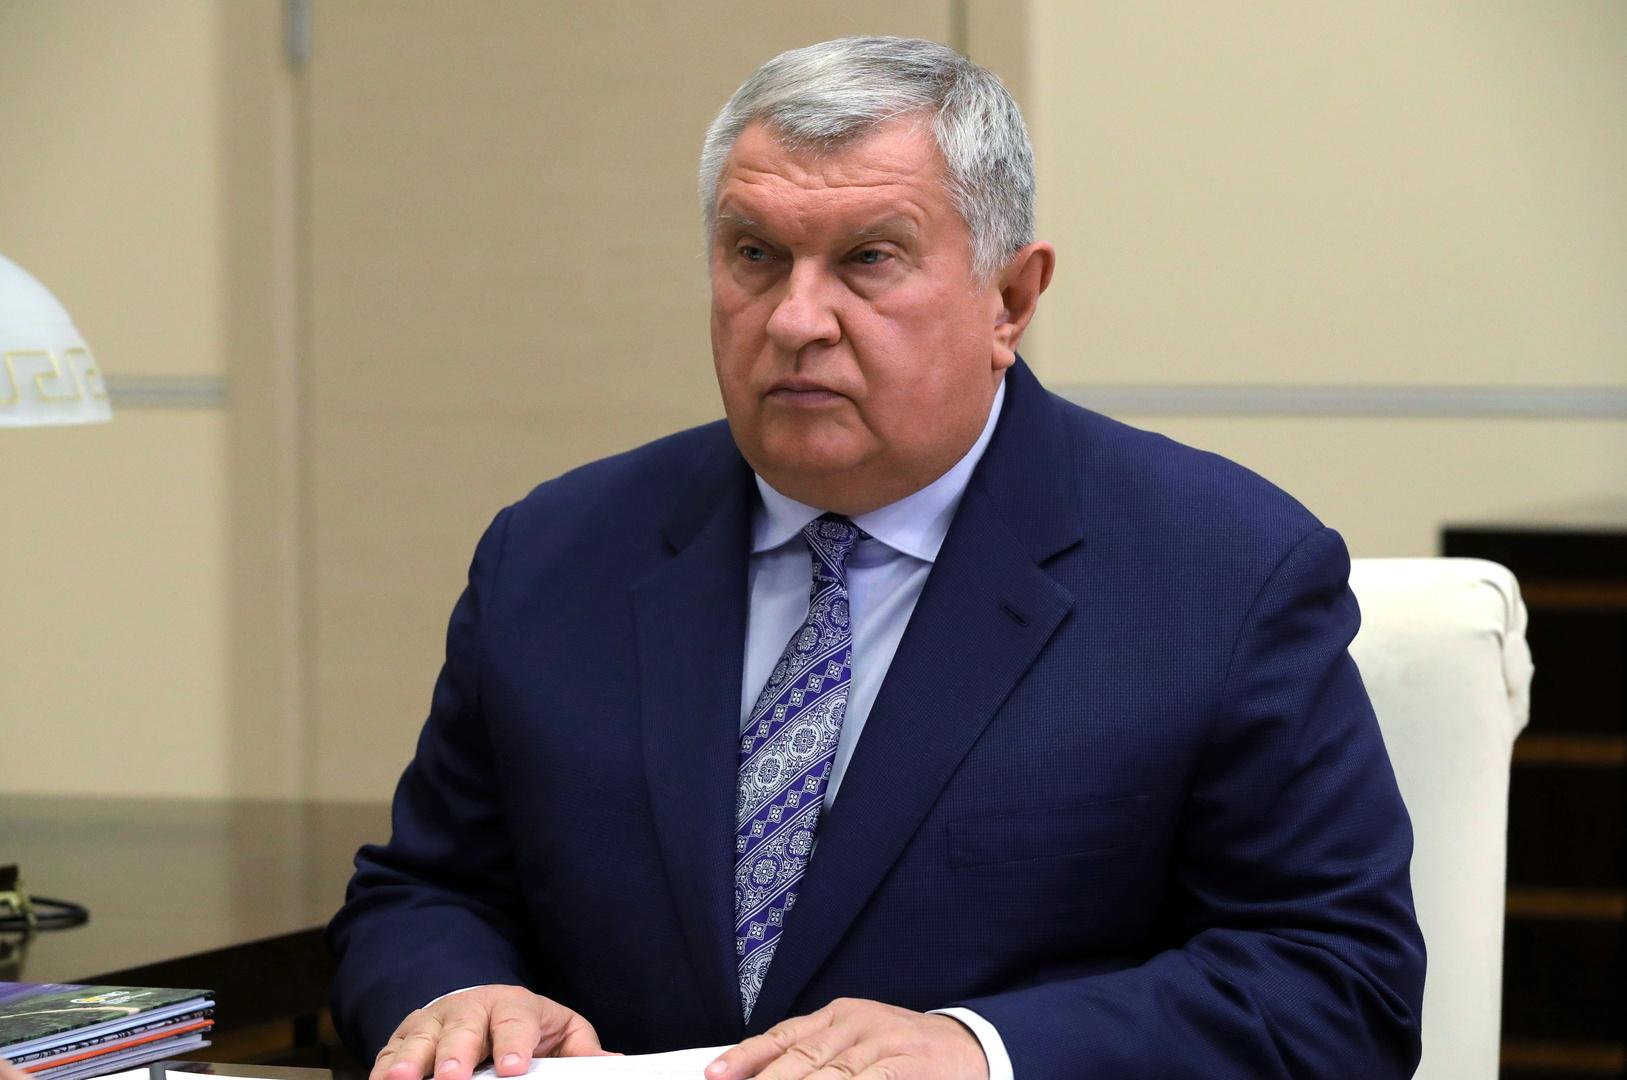 صورة من الأرشيف - رئيس الشركة الروسية